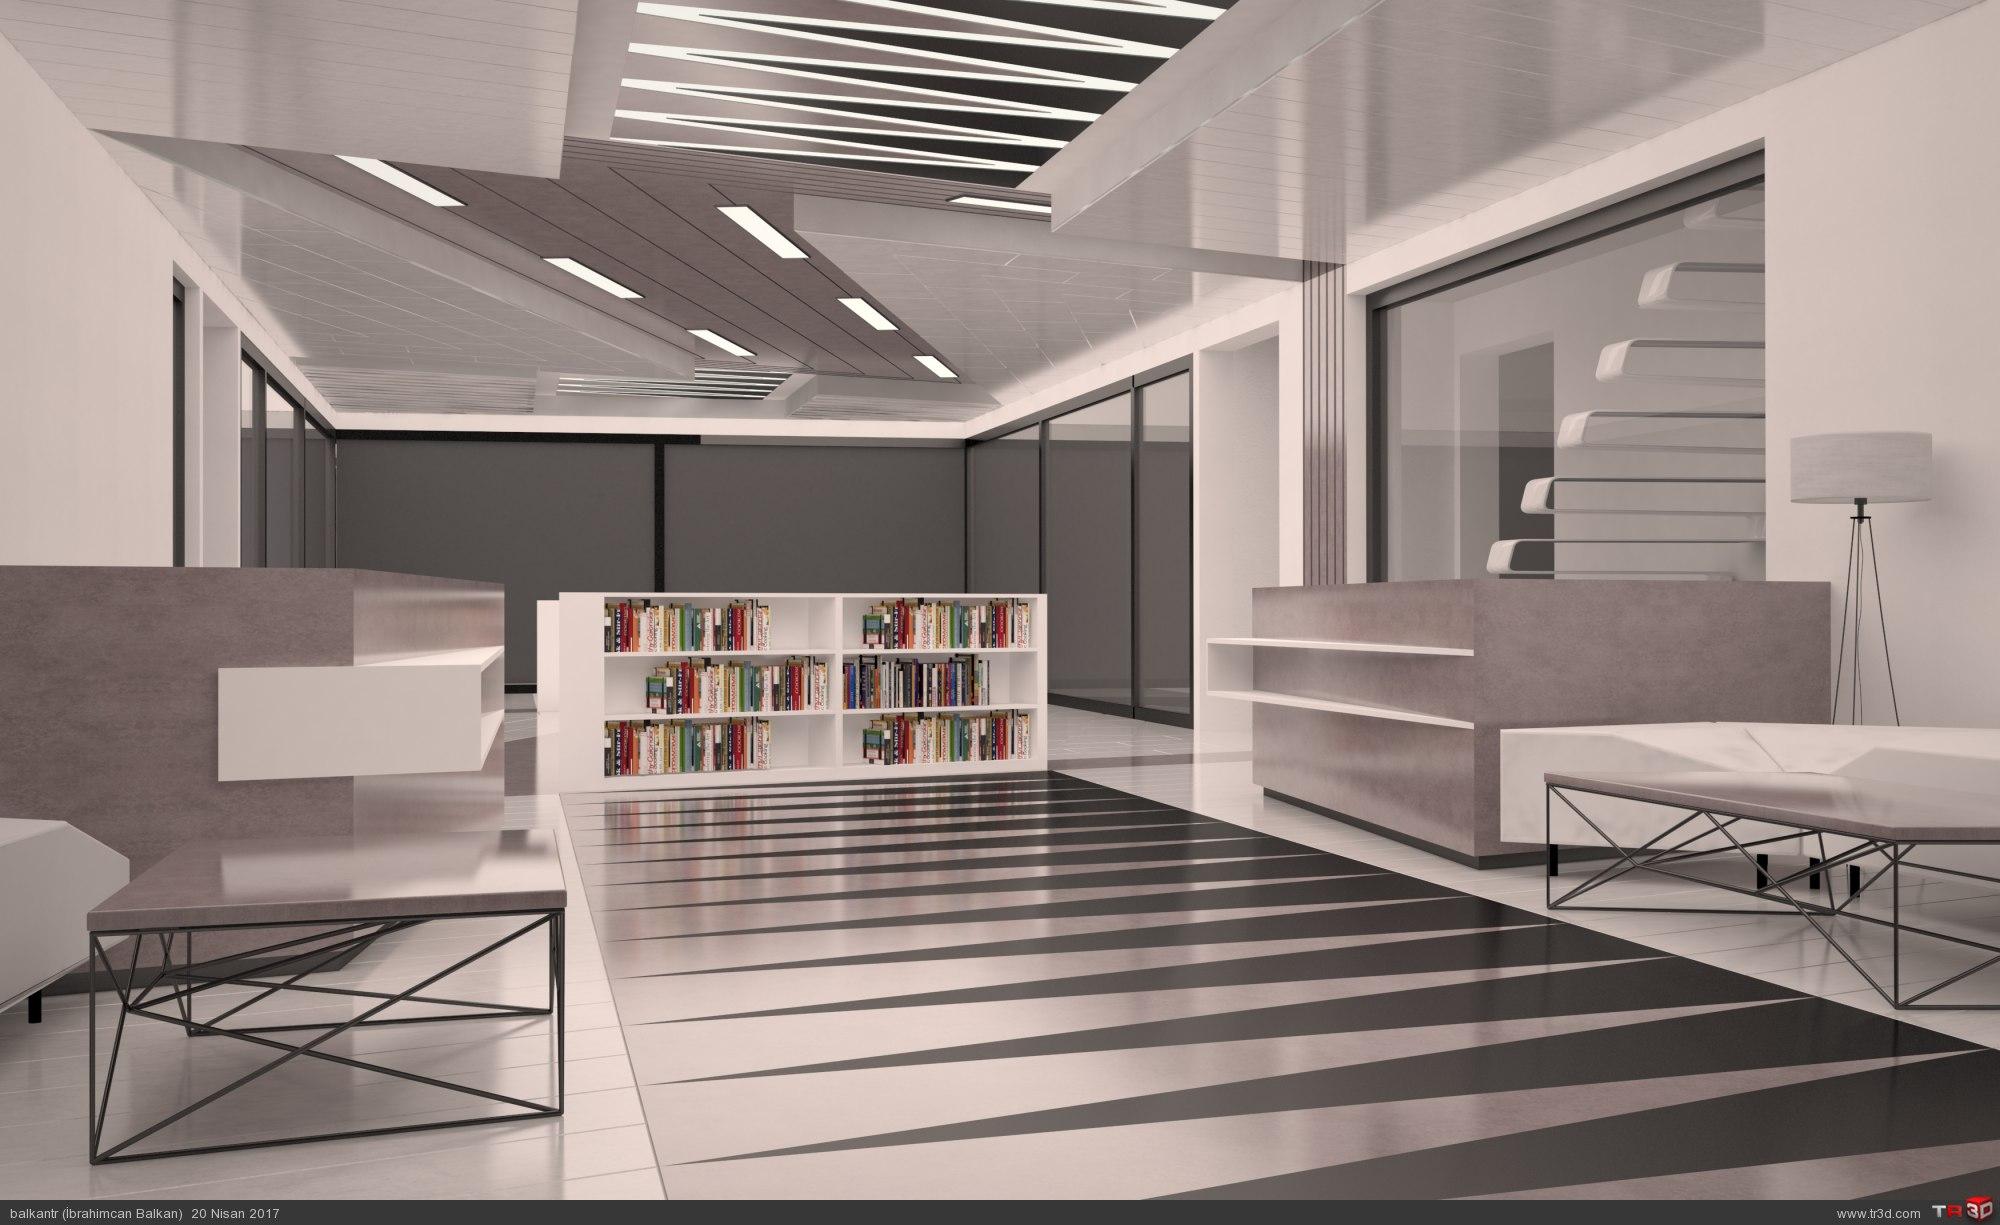 Üni Kütüphane 1